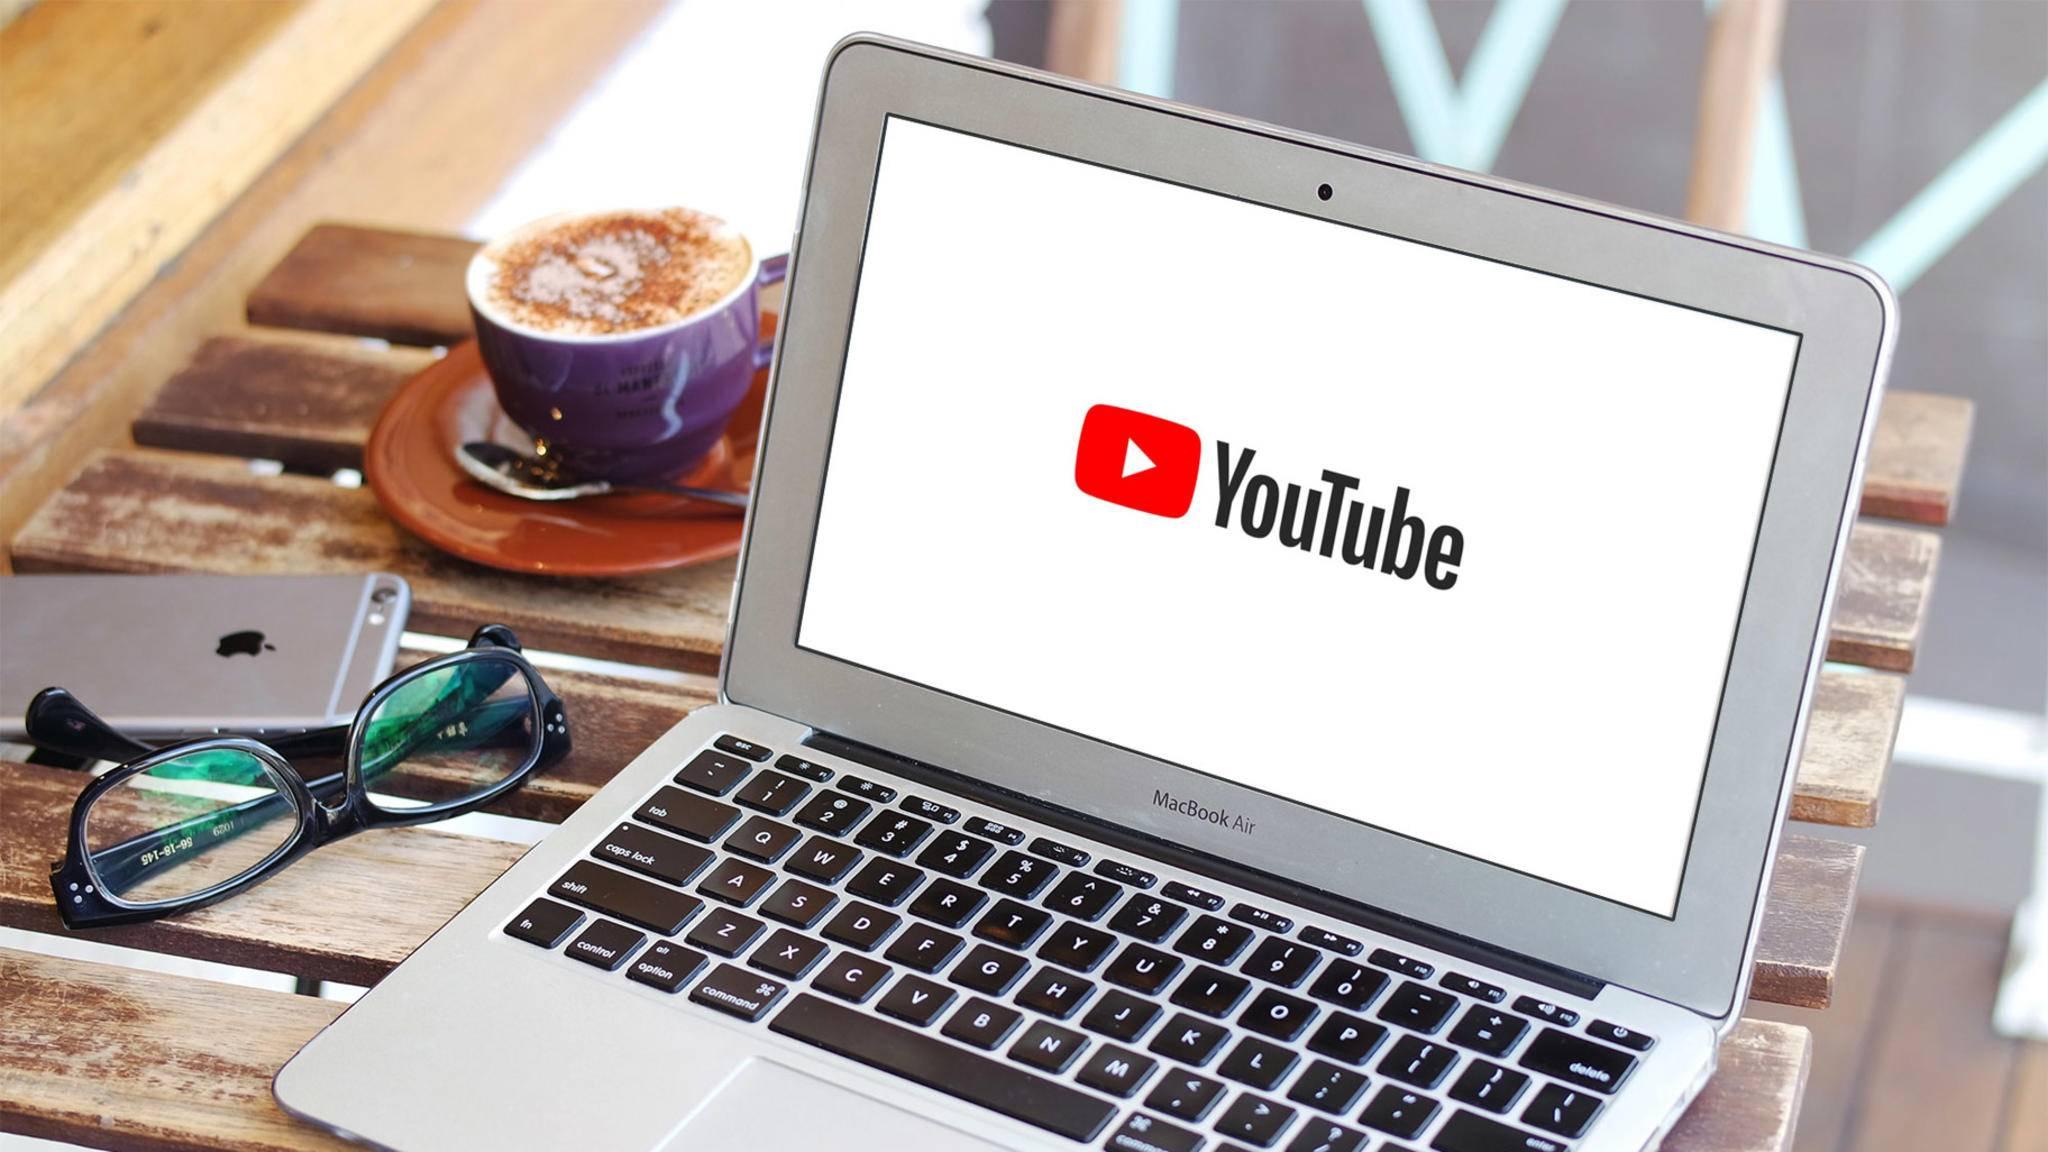 YouTube geht bei Dir nicht mehr? Wir wissen Rat.